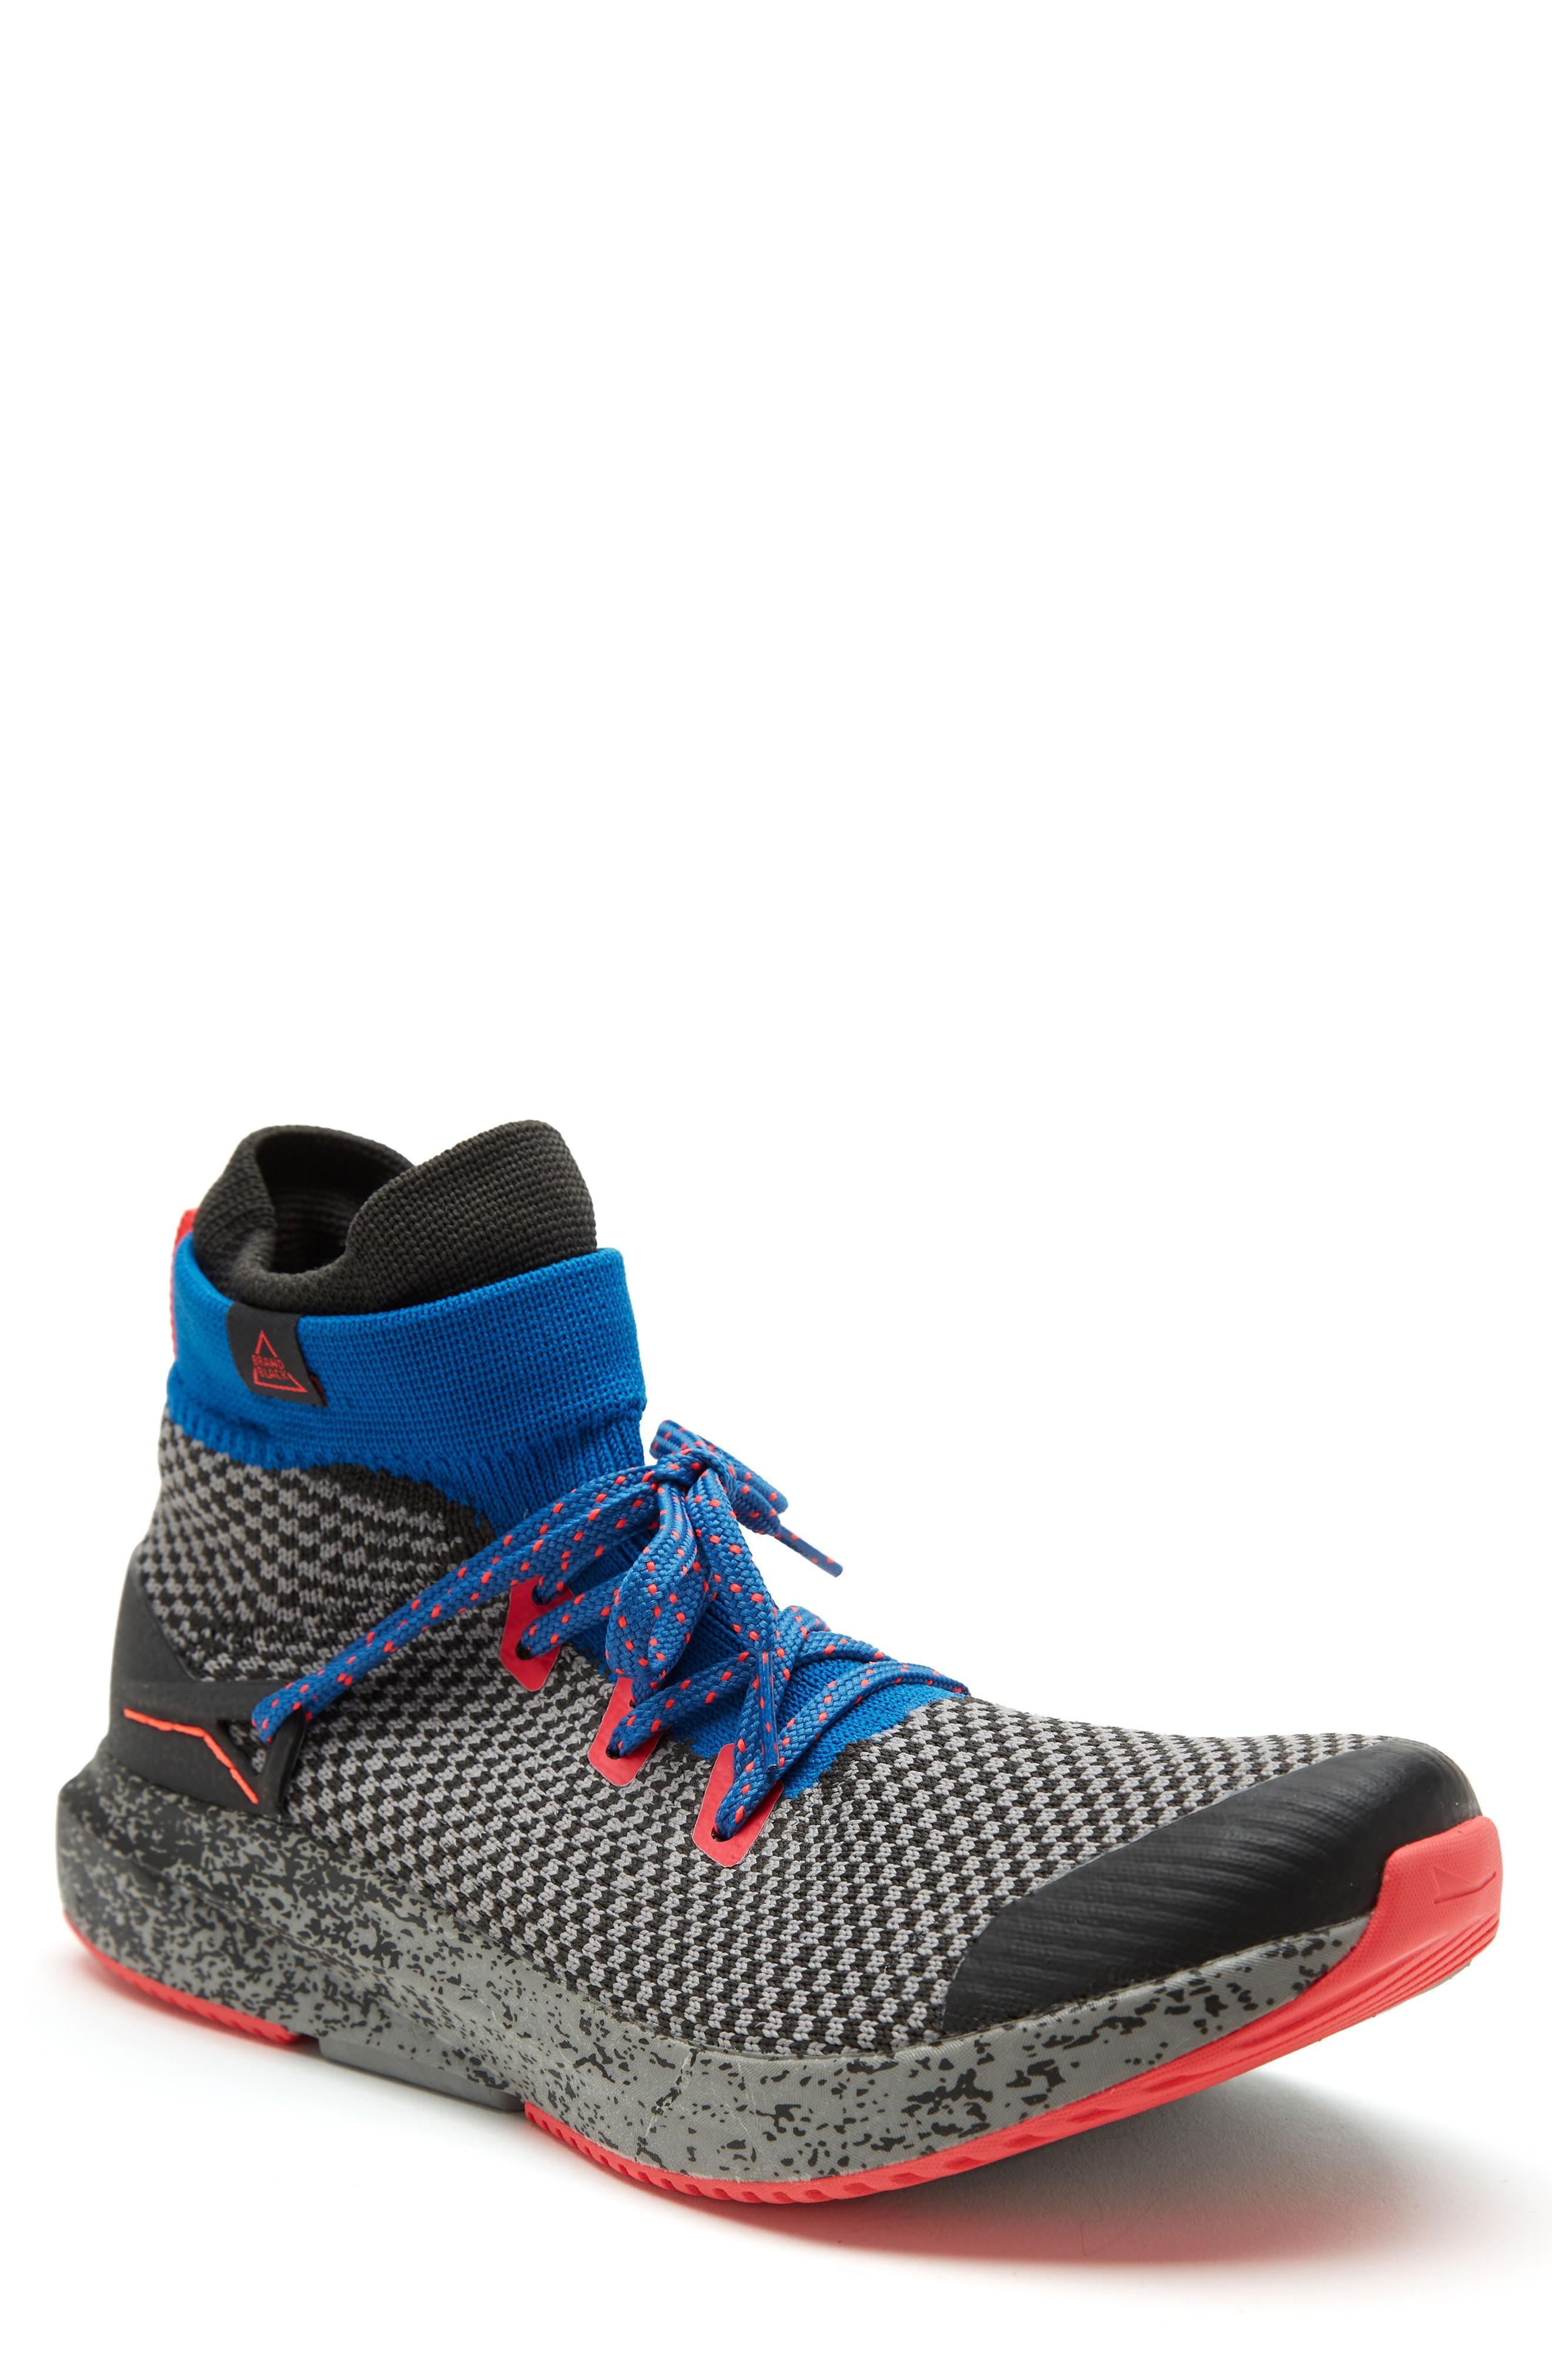 Brandblack Kaze Knit Sneaker Boot In Gray/ Multi